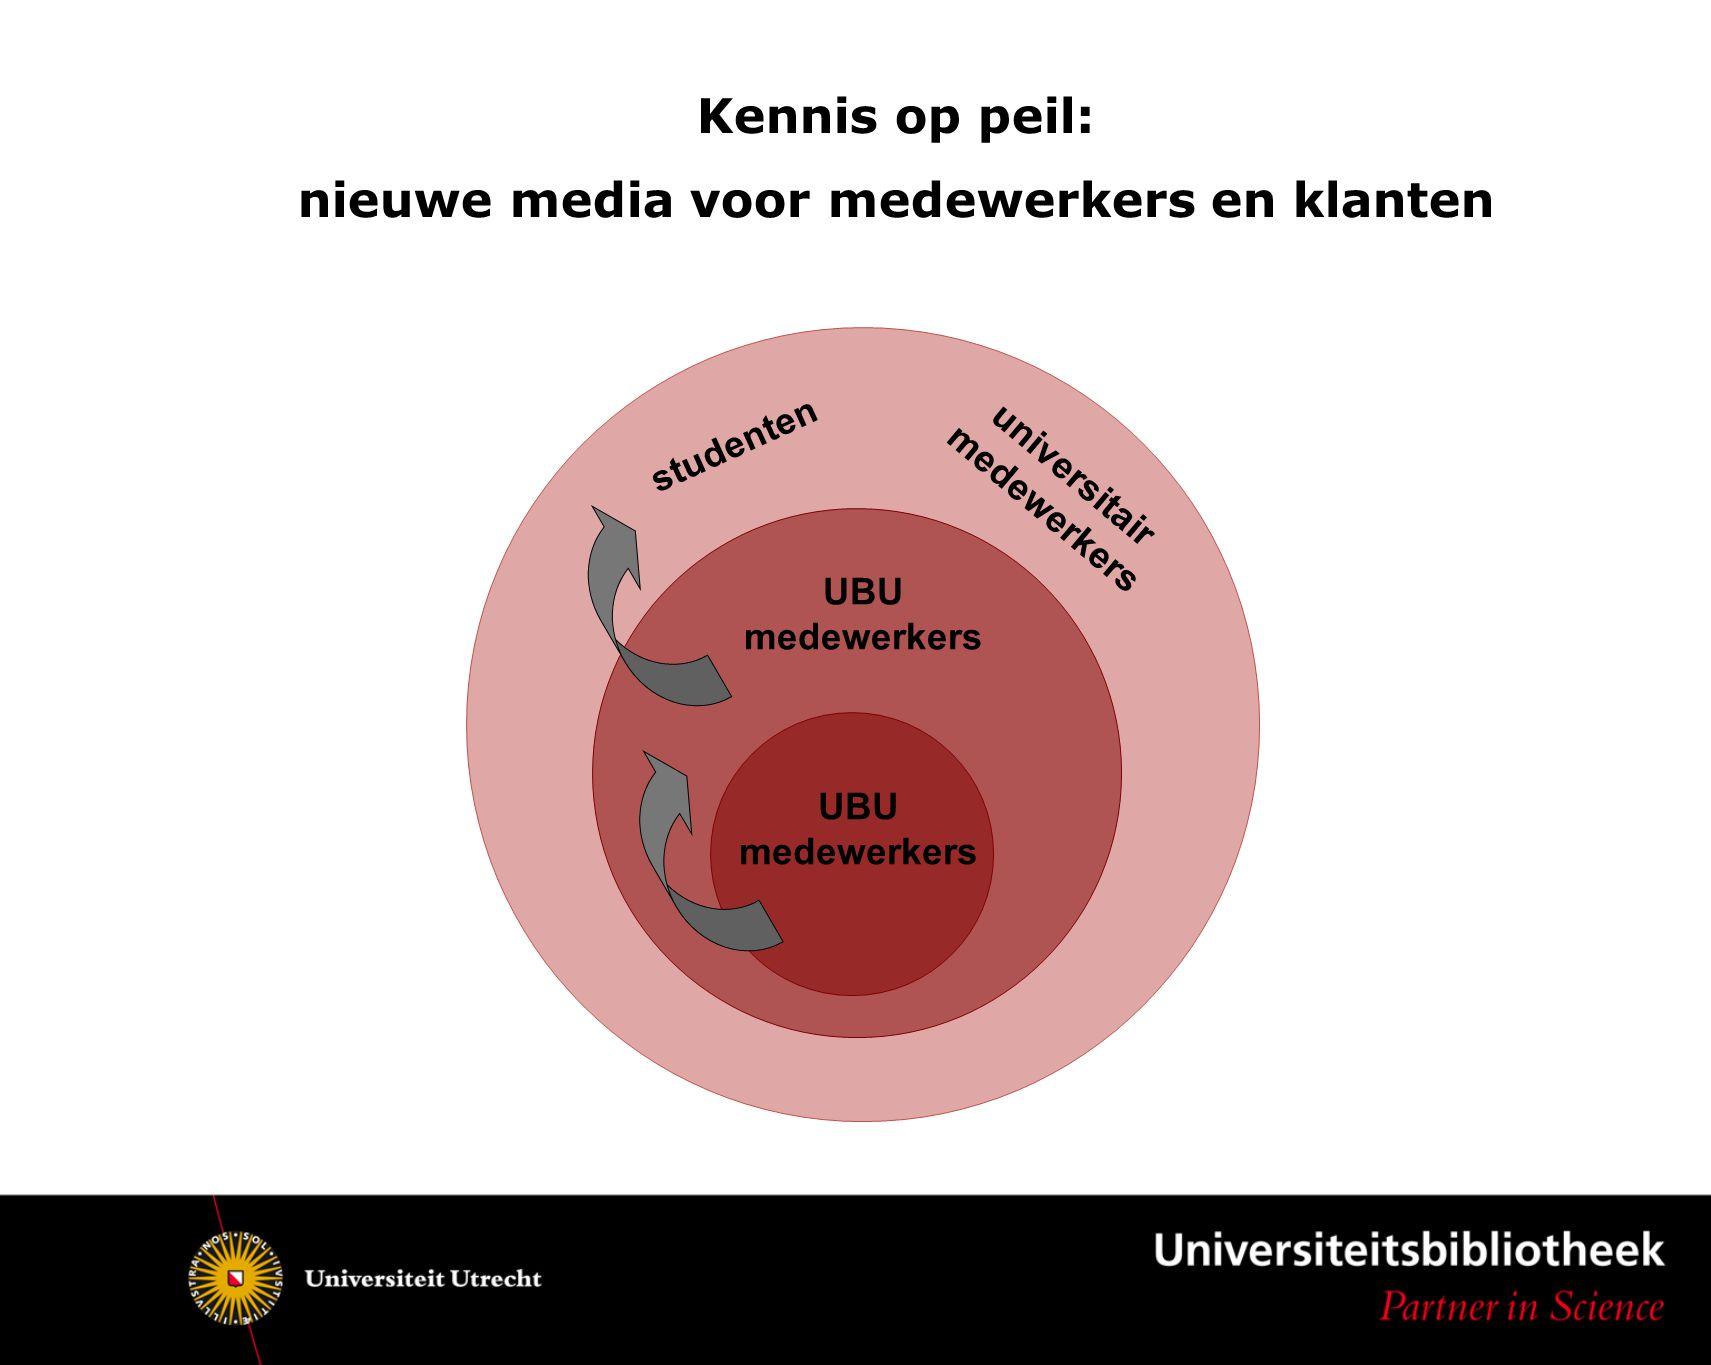 UBU medewerkers UBU medewerkers universitair medewerkers studenten Kennis op peil: nieuwe media voor medewerkers en klanten